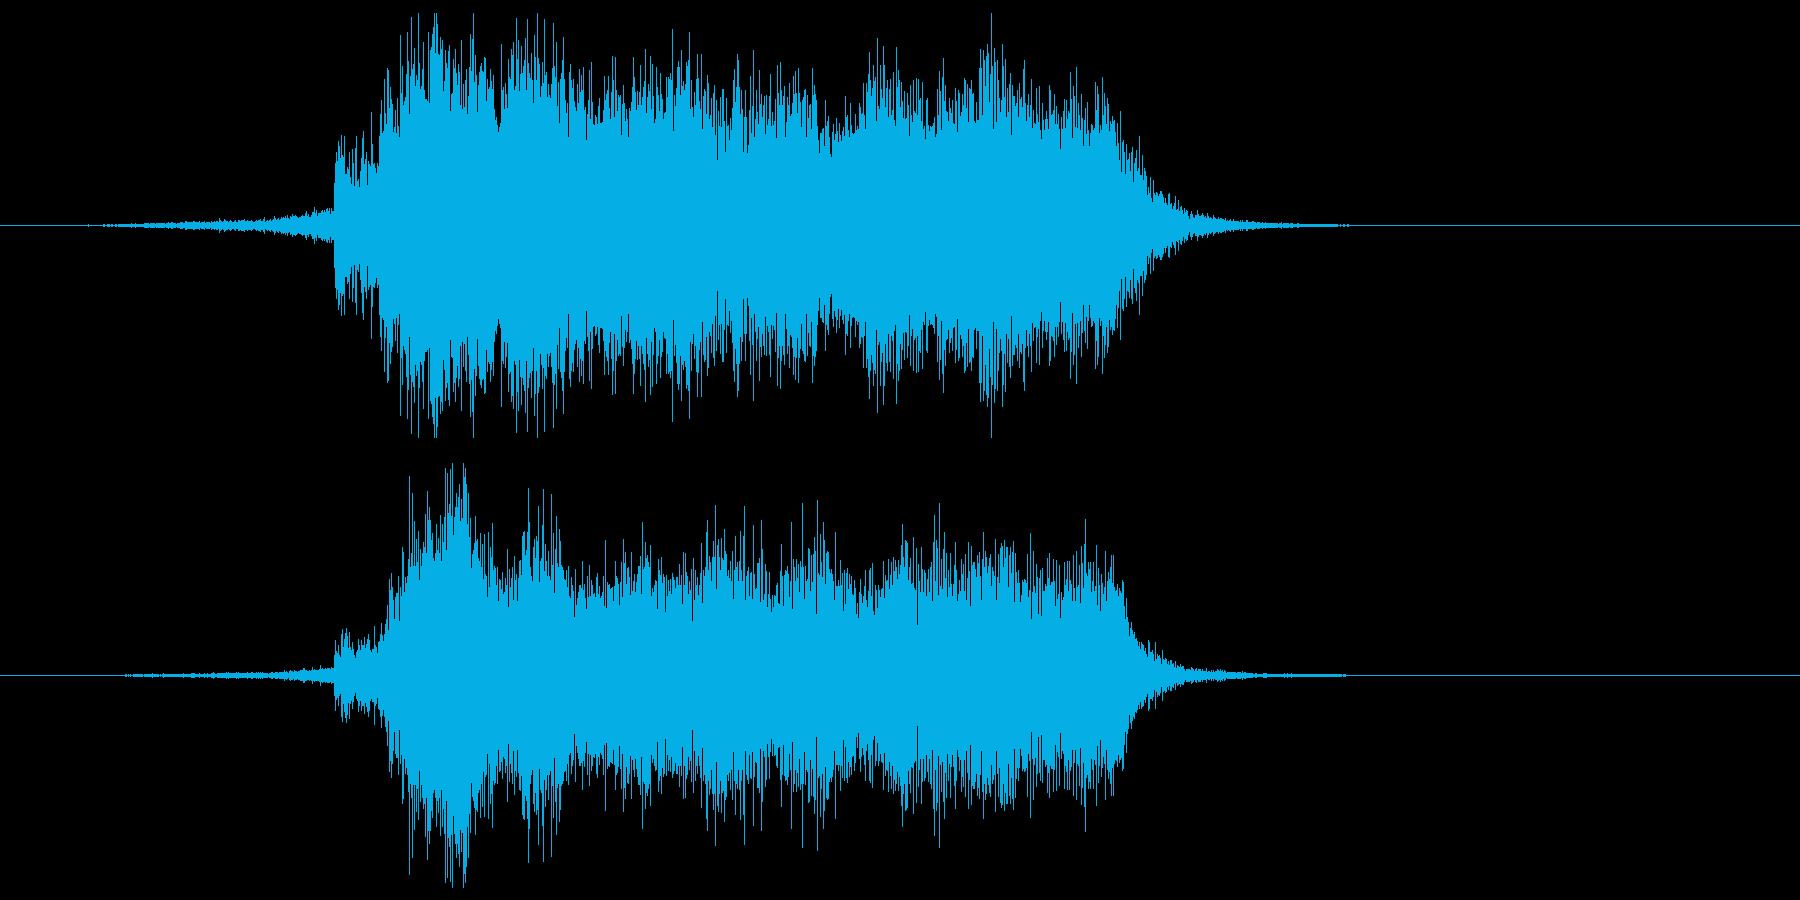 壮大なフルオーケストラのサウンドの再生済みの波形